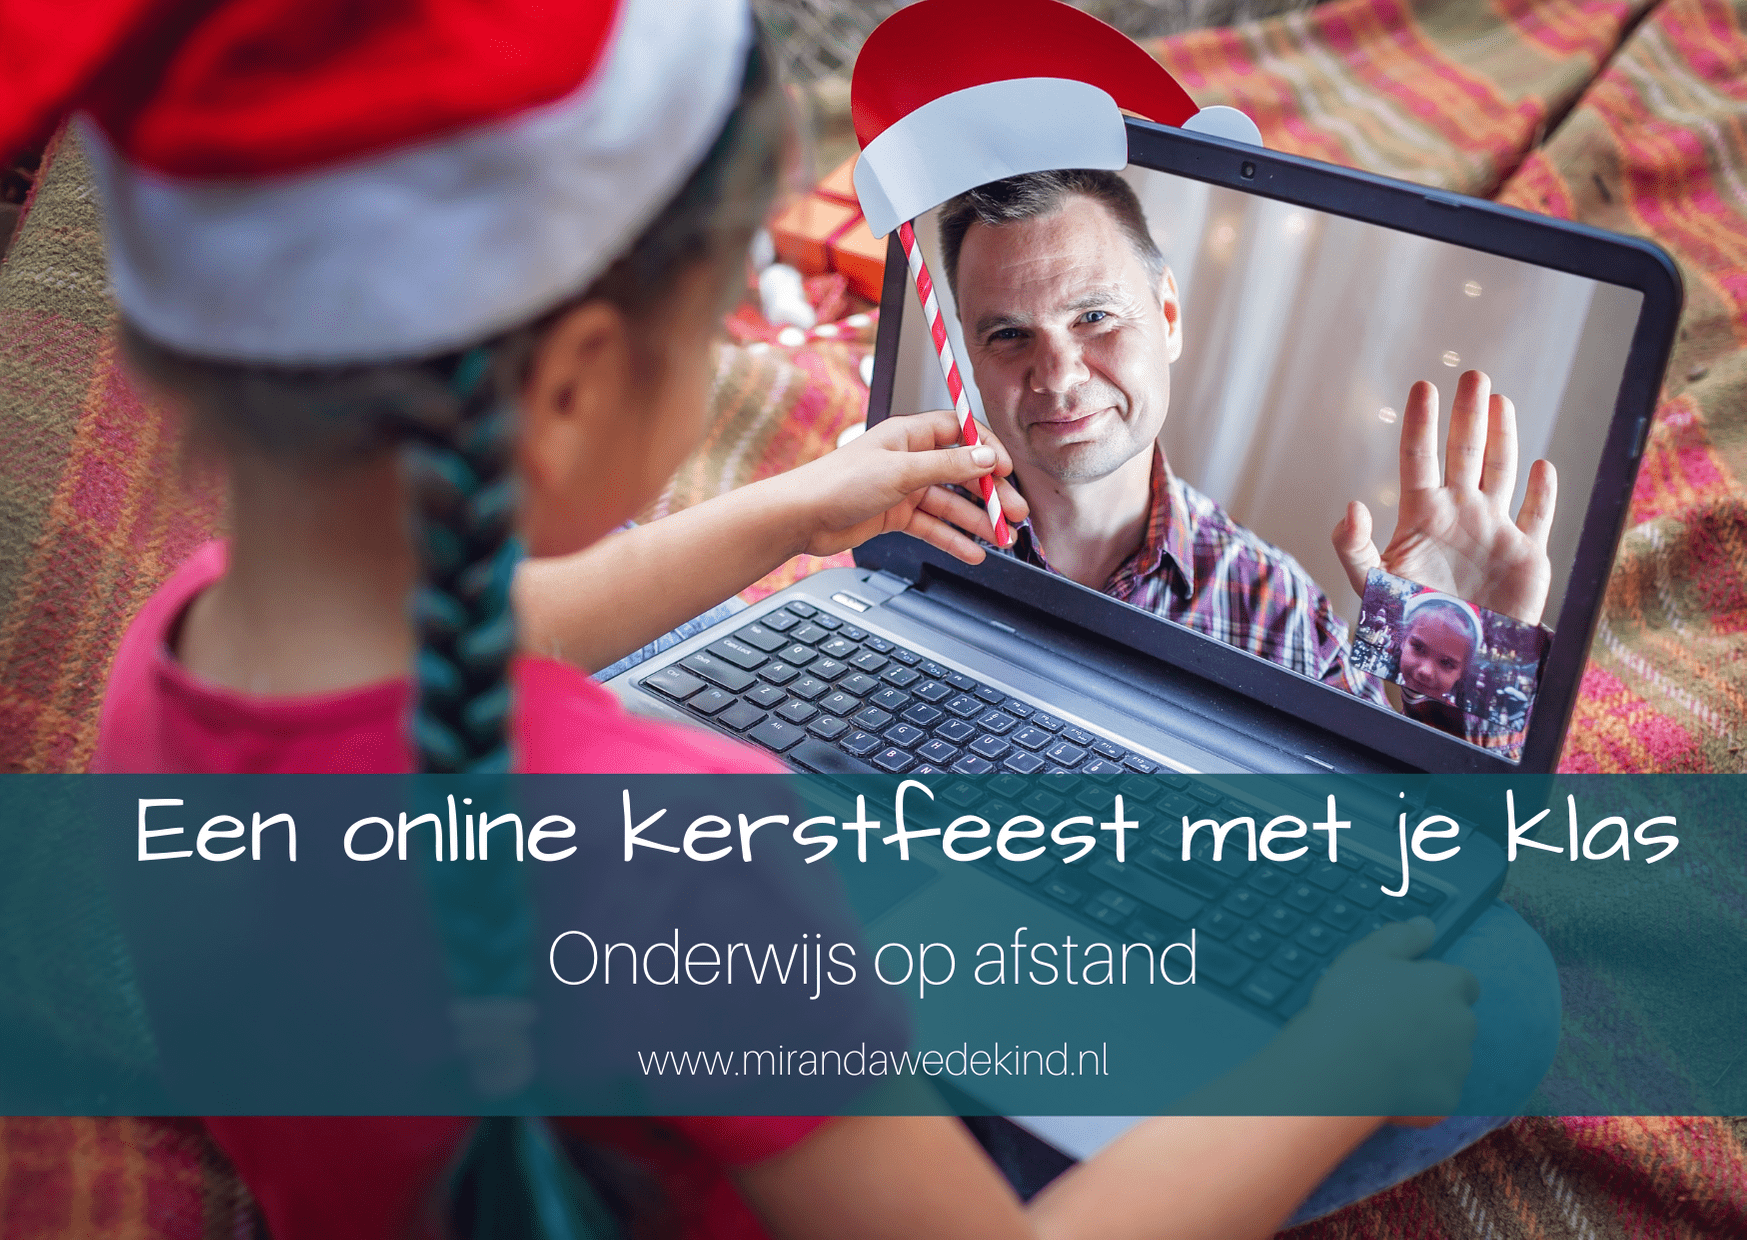 Onderwijs op afstand: een kerstfeest online met je klas